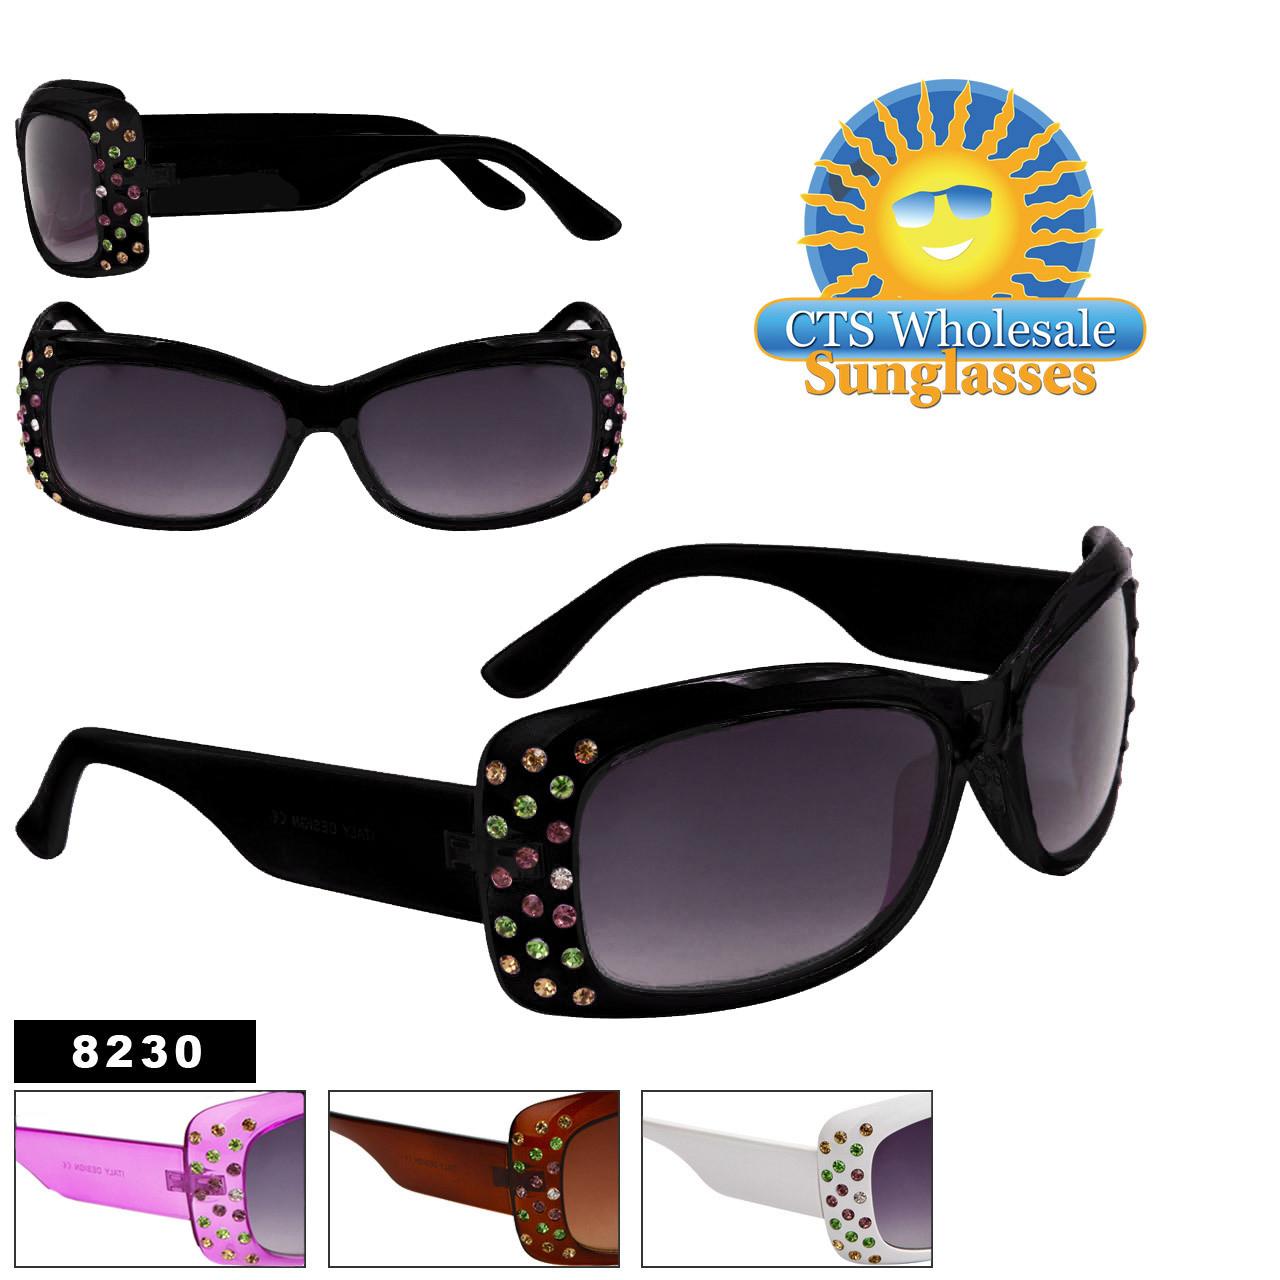 Fashion Sunglasses with Multi-Colored Rhinestones 8230